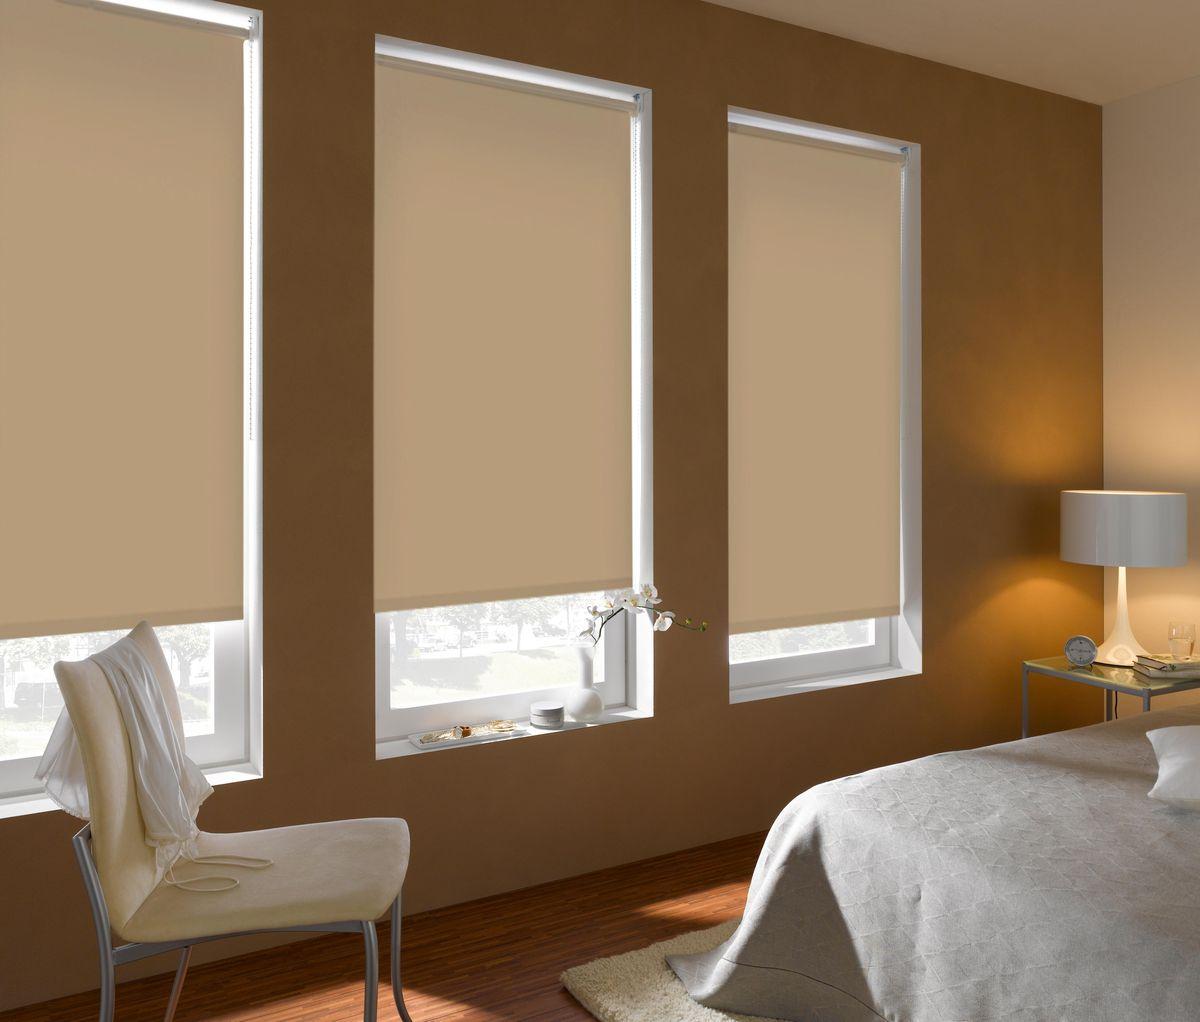 Штора рулонная Эскар Blackout, светонепроницаемая, цвет: бежевый, ширина 160 см, высота 170 см2615S545JBРулонными шторами можно оформлять окна как самостоятельно, так и использовать в комбинации с портьерами. Это поможет предотвратить выгорание дорогой ткани на солнце и соединит функционал рулонных с красотой навесных.Преимущества применения рулонных штор для пластиковых окон:- имеют прекрасный внешний вид: многообразие и фактурность материала изделия отлично смотрятся в любом интерьере; - многофункциональны: есть возможность подобрать шторы способные эффективно защитить комнату от солнца, при этом она не будет слишком темной.- Есть возможность осуществить быстрый монтаж.ВНИМАНИЕ! Размеры ширины изделия указаны по ширине ткани!Во время эксплуатации не рекомендуется полностью разматывать рулон, чтобы не оторвать ткань от намоточного вала.В случае загрязнения поверхности ткани, чистку шторы проводят одним из способов, в зависимости от типа загрязнения: легкое поверхностное загрязнение можно удалить при помощи канцелярского ластика; чистка от пыли производится сухим методом при помощи пылесоса с мягкой щеткой-насадкой; для удаления пятна используйте мягкую губку с пенообразующим неагрессивным моющим средством или пятновыводитель на натуральной основе (нельзя применять растворители).